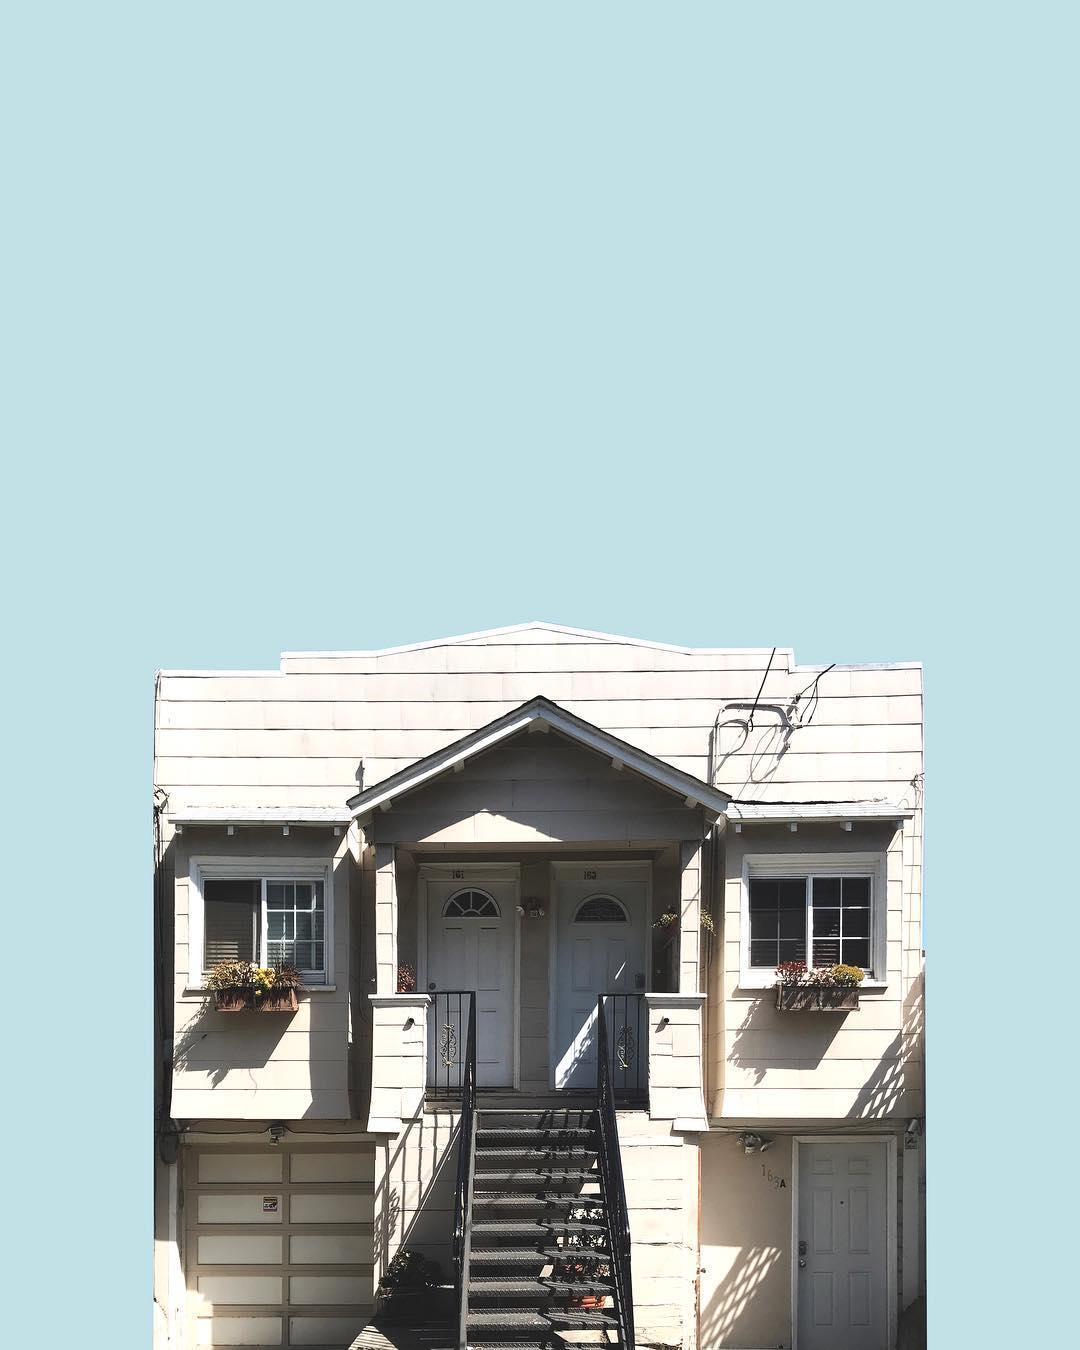 Le folli architetture di Eric Randall Morris | Collater.al 13